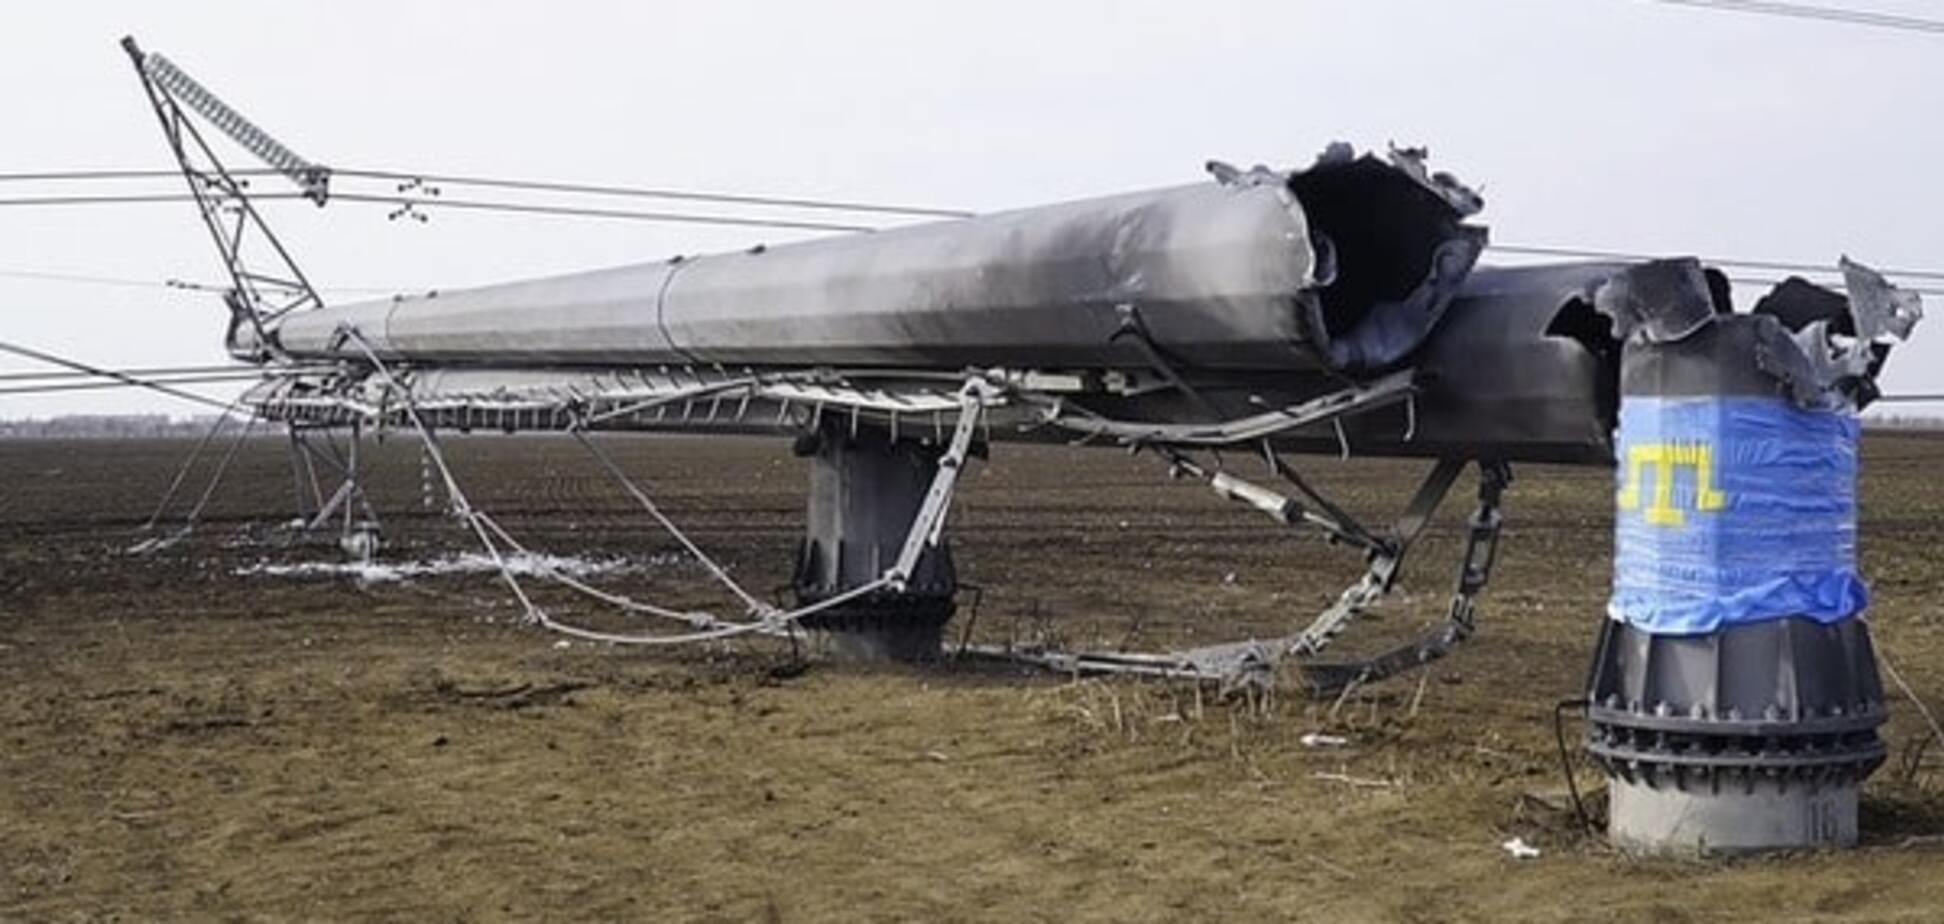 Муждабаєв розповів, як українська влада 'доклала руку' до блокади Криму